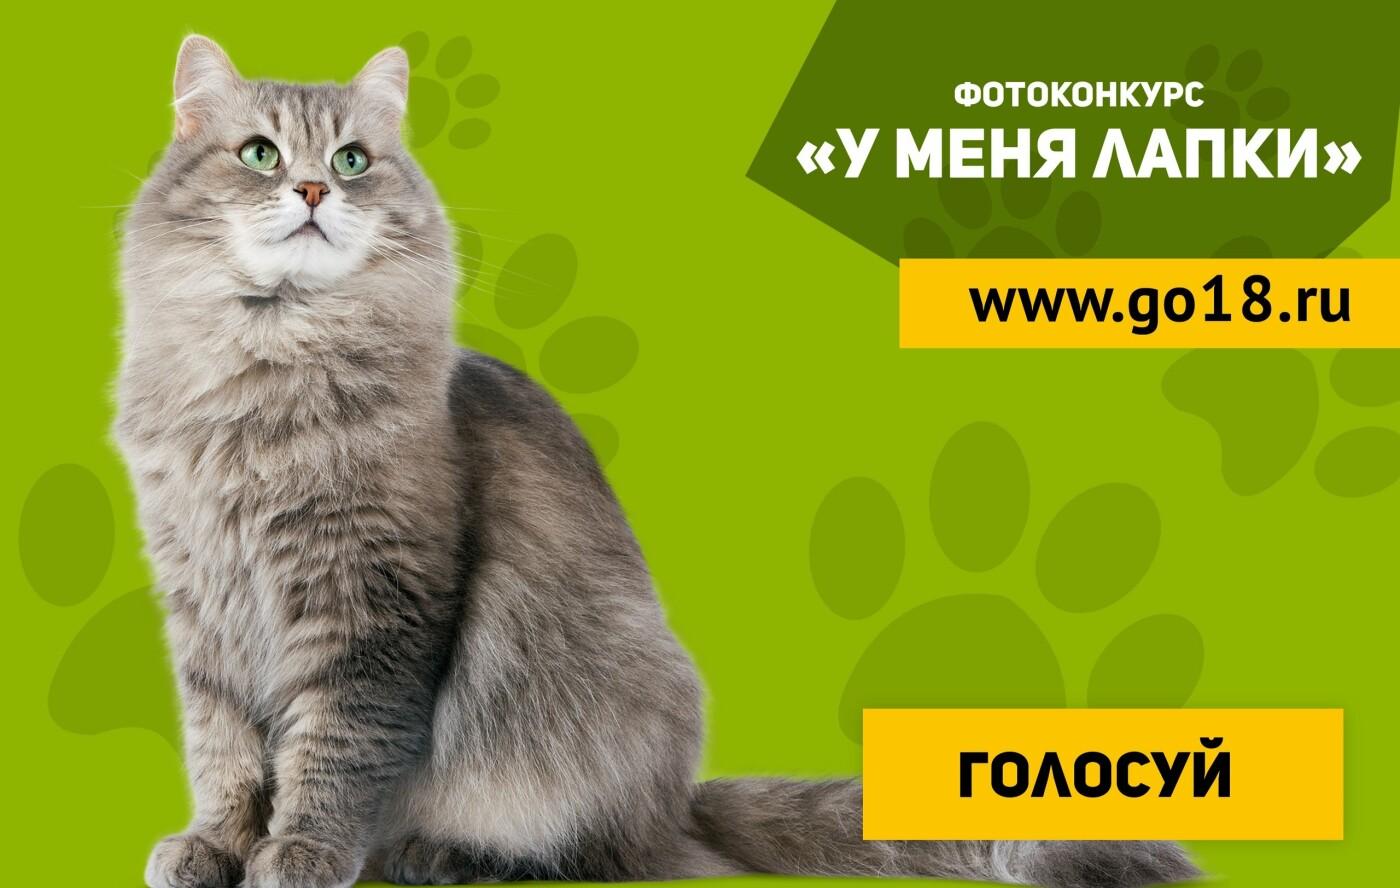 Голосование за участников проекта «У меня лапки» завершится 15 апреля, фото-1